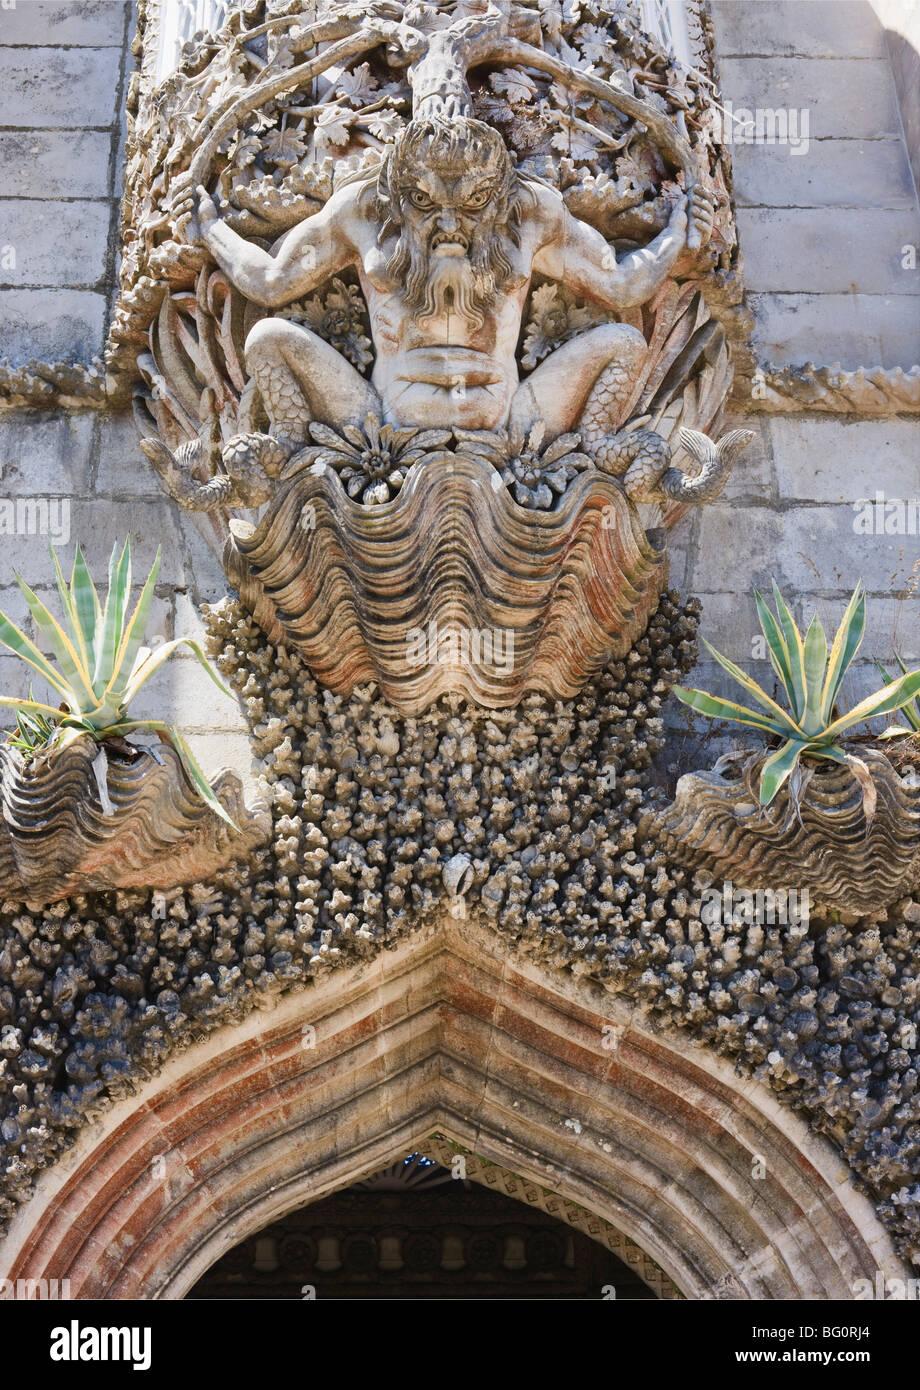 Gárgola feroz encima de arcada, Seteais, Sitio del Patrimonio Mundial de la UNESCO, en Sintra, Portugal, Europa Imagen De Stock